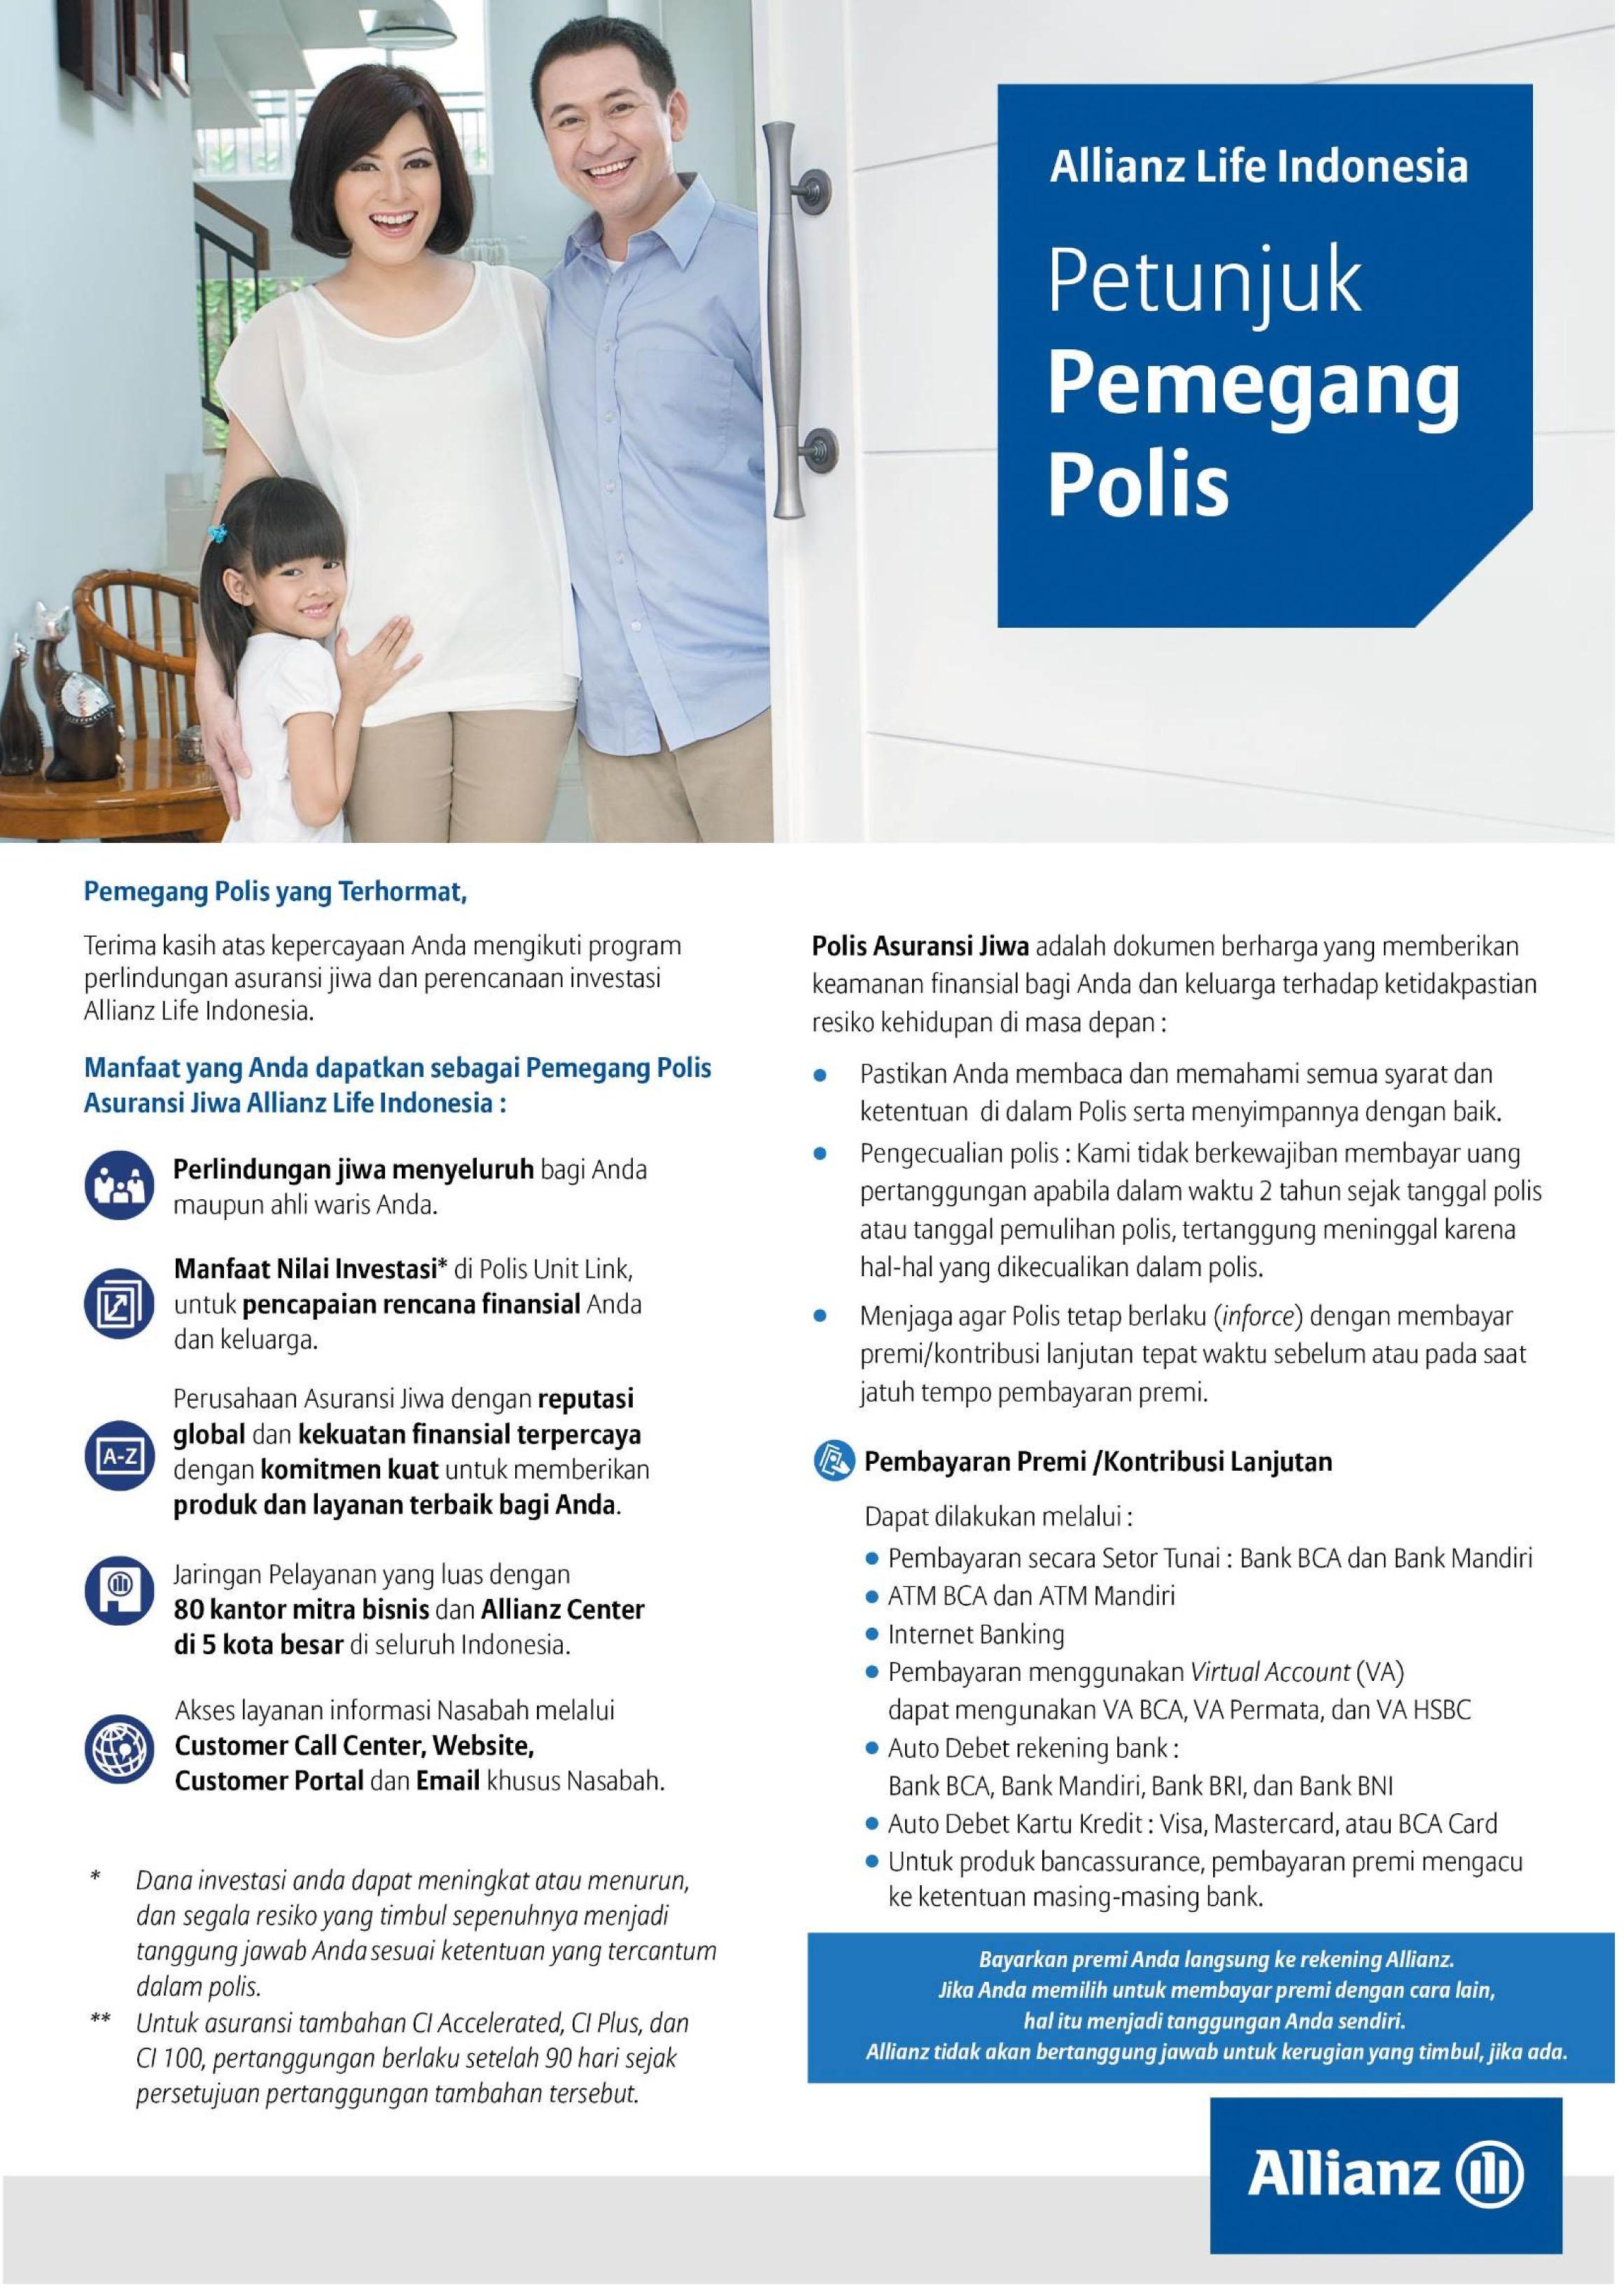 Microsoft Word - Panduan Pemegang polis 2 hal 270516 print